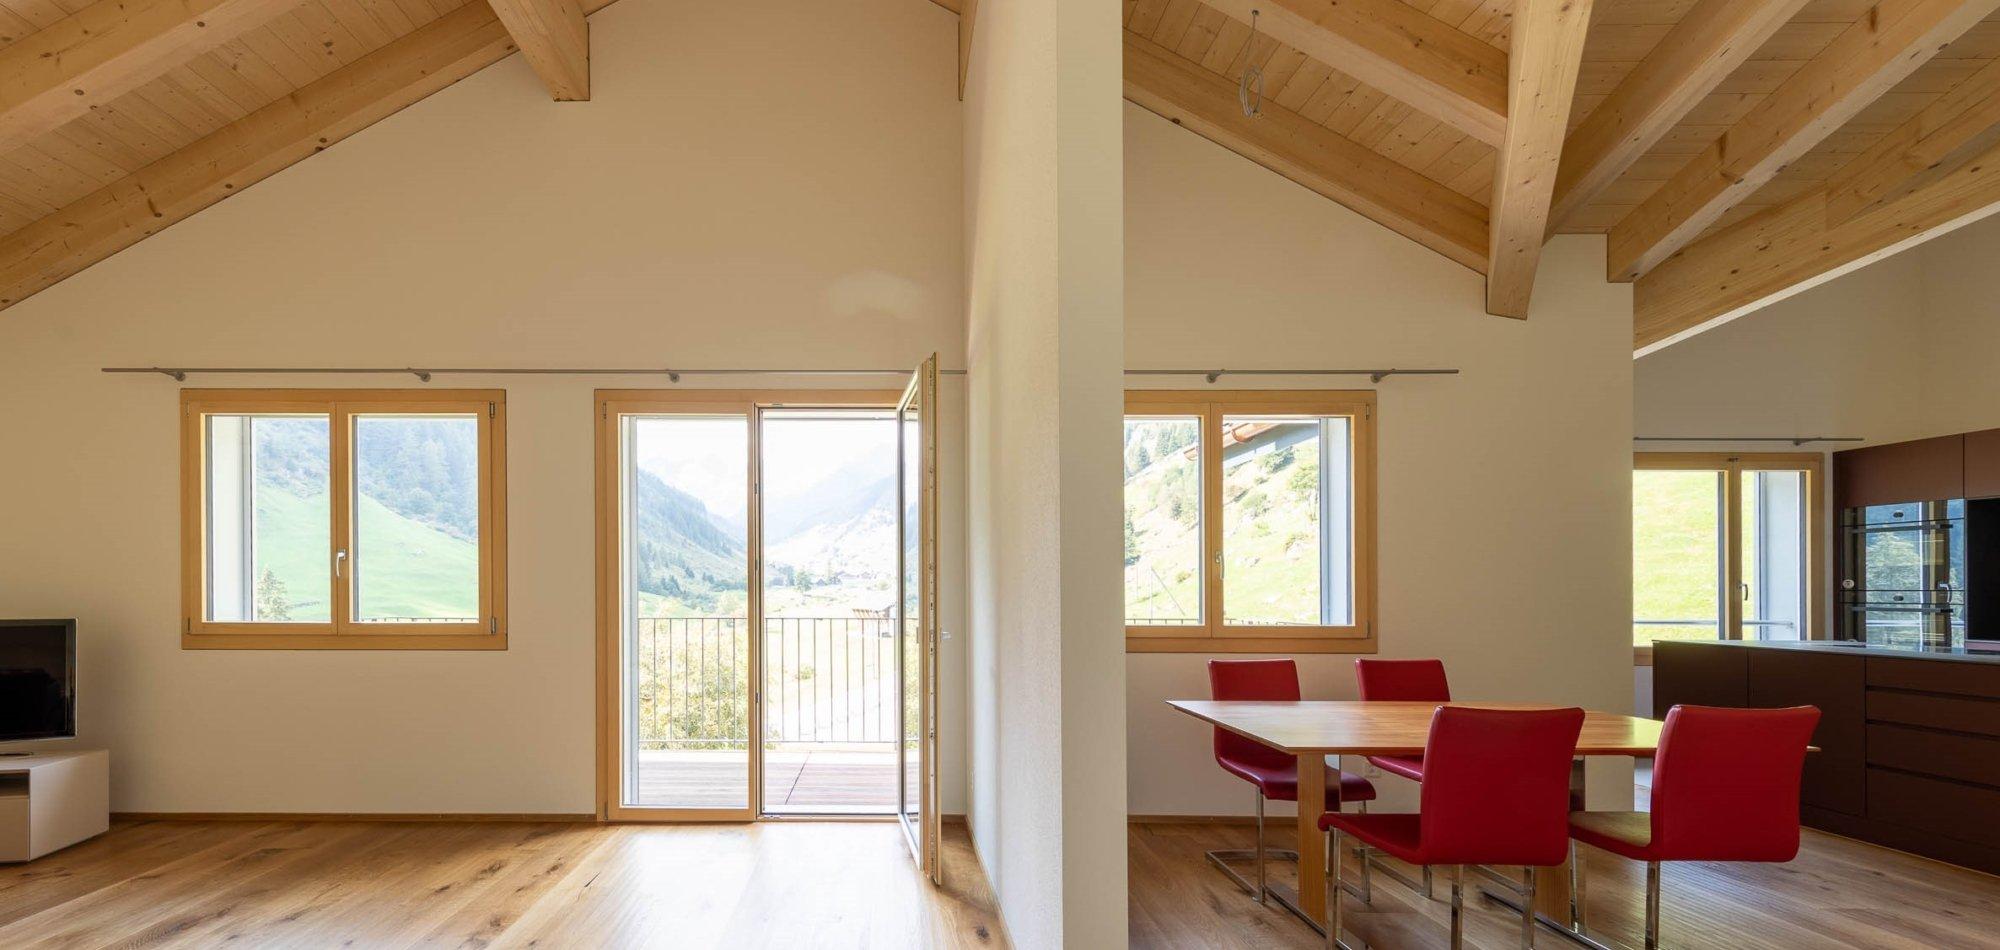 offener Wohnbereich mit Sichtdachstuhl